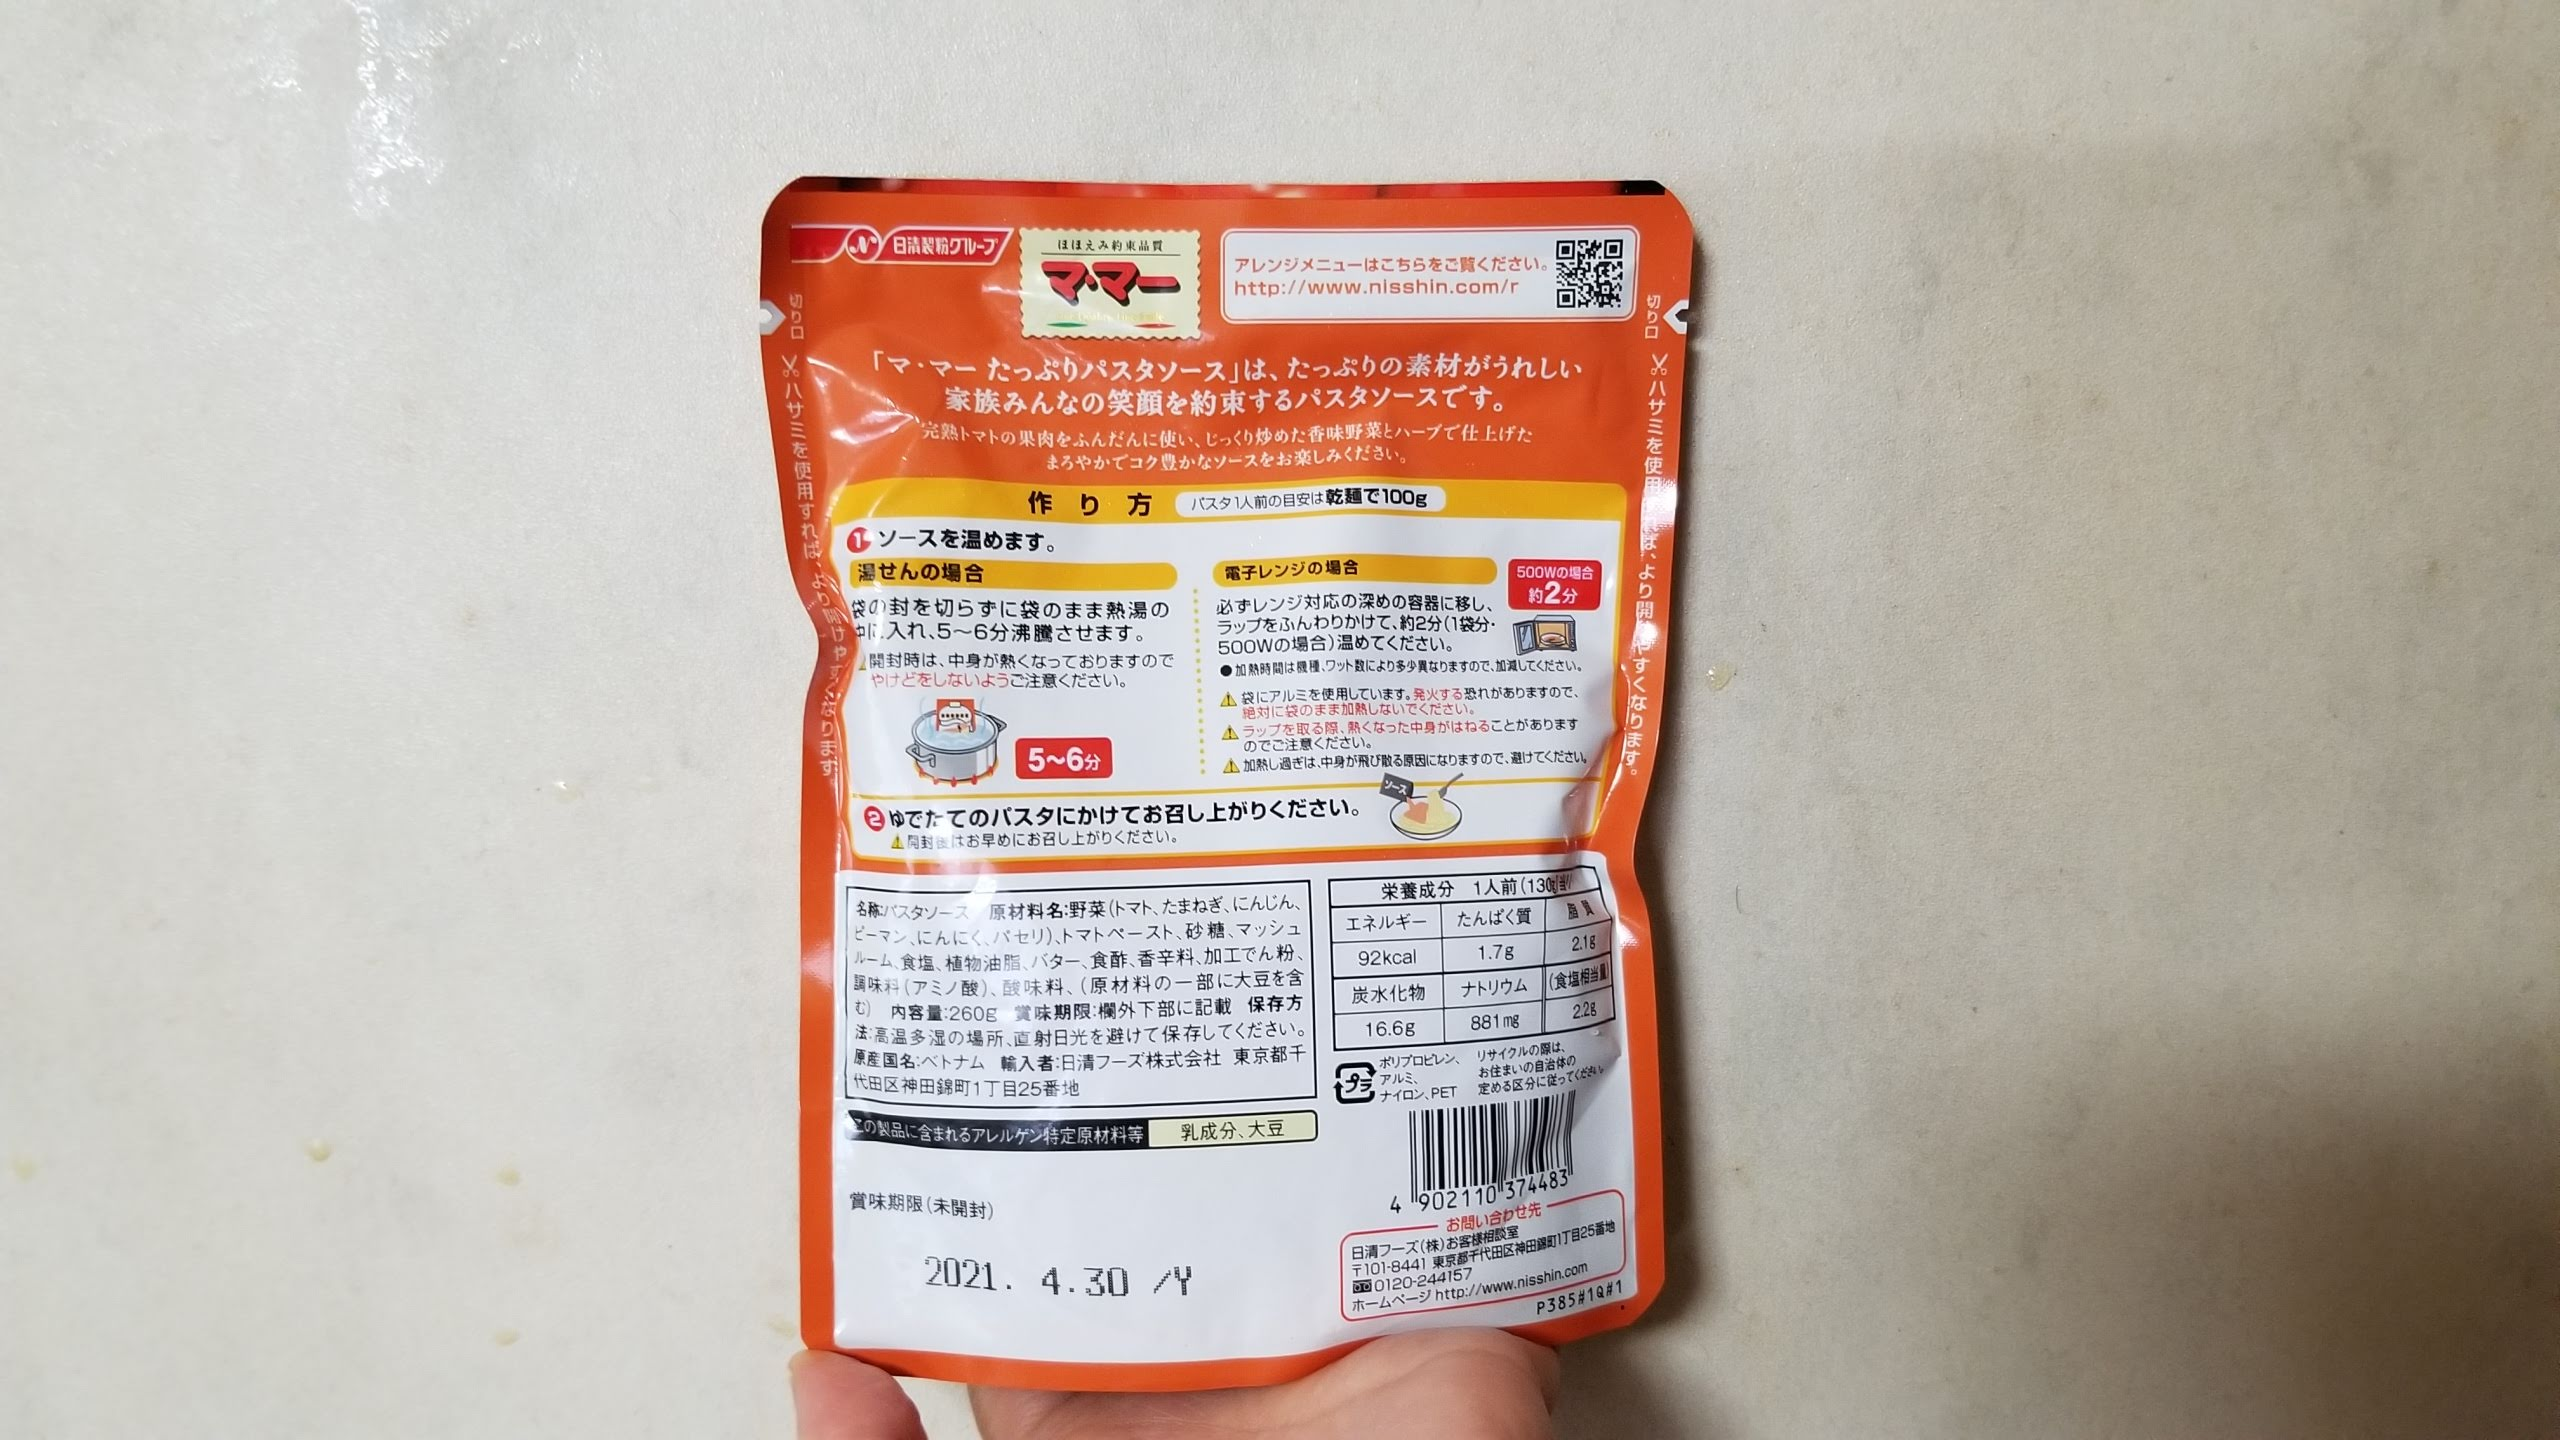 トマトの果肉たっぷりのナポリタン(パスタソース)/マ・マー_20200111_074931